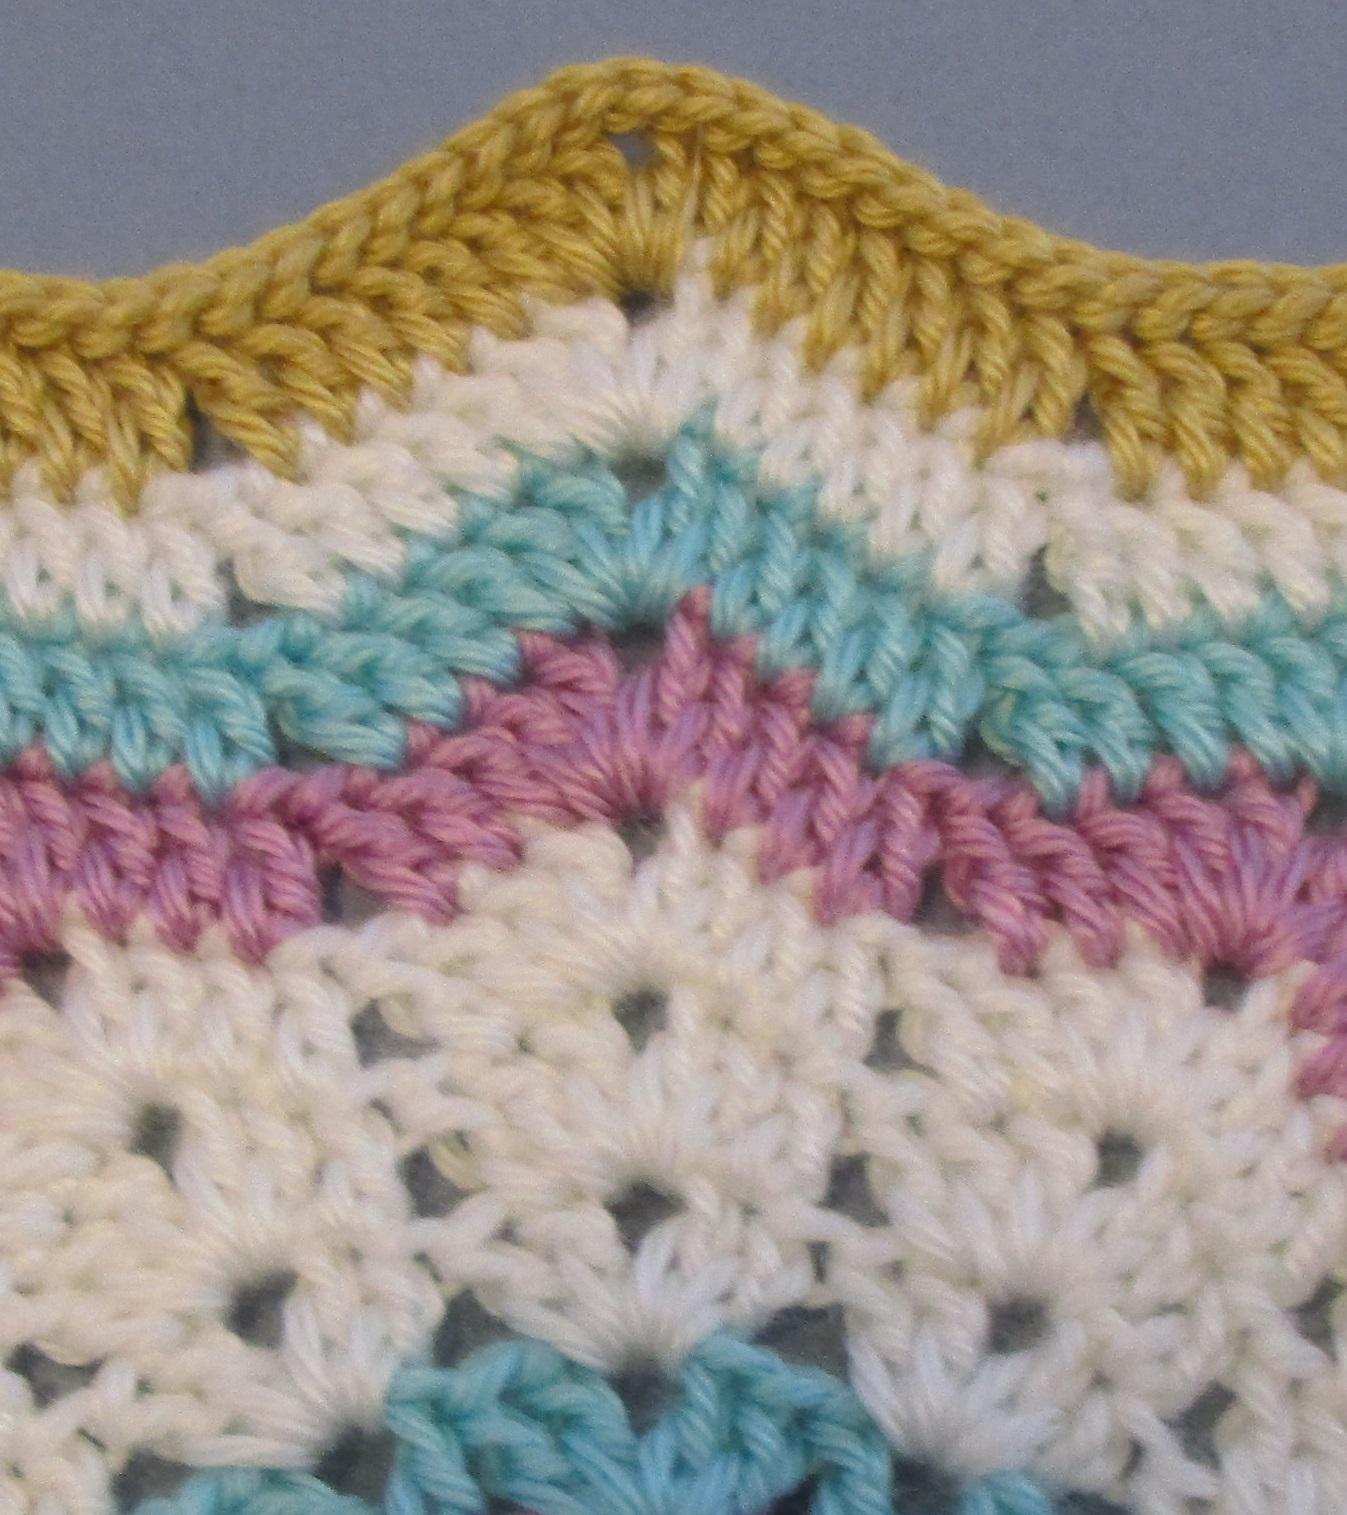 CROCHET PATTERN - Unicorn Lovey, crochet toy, baby toy, baby blanket, baby gift